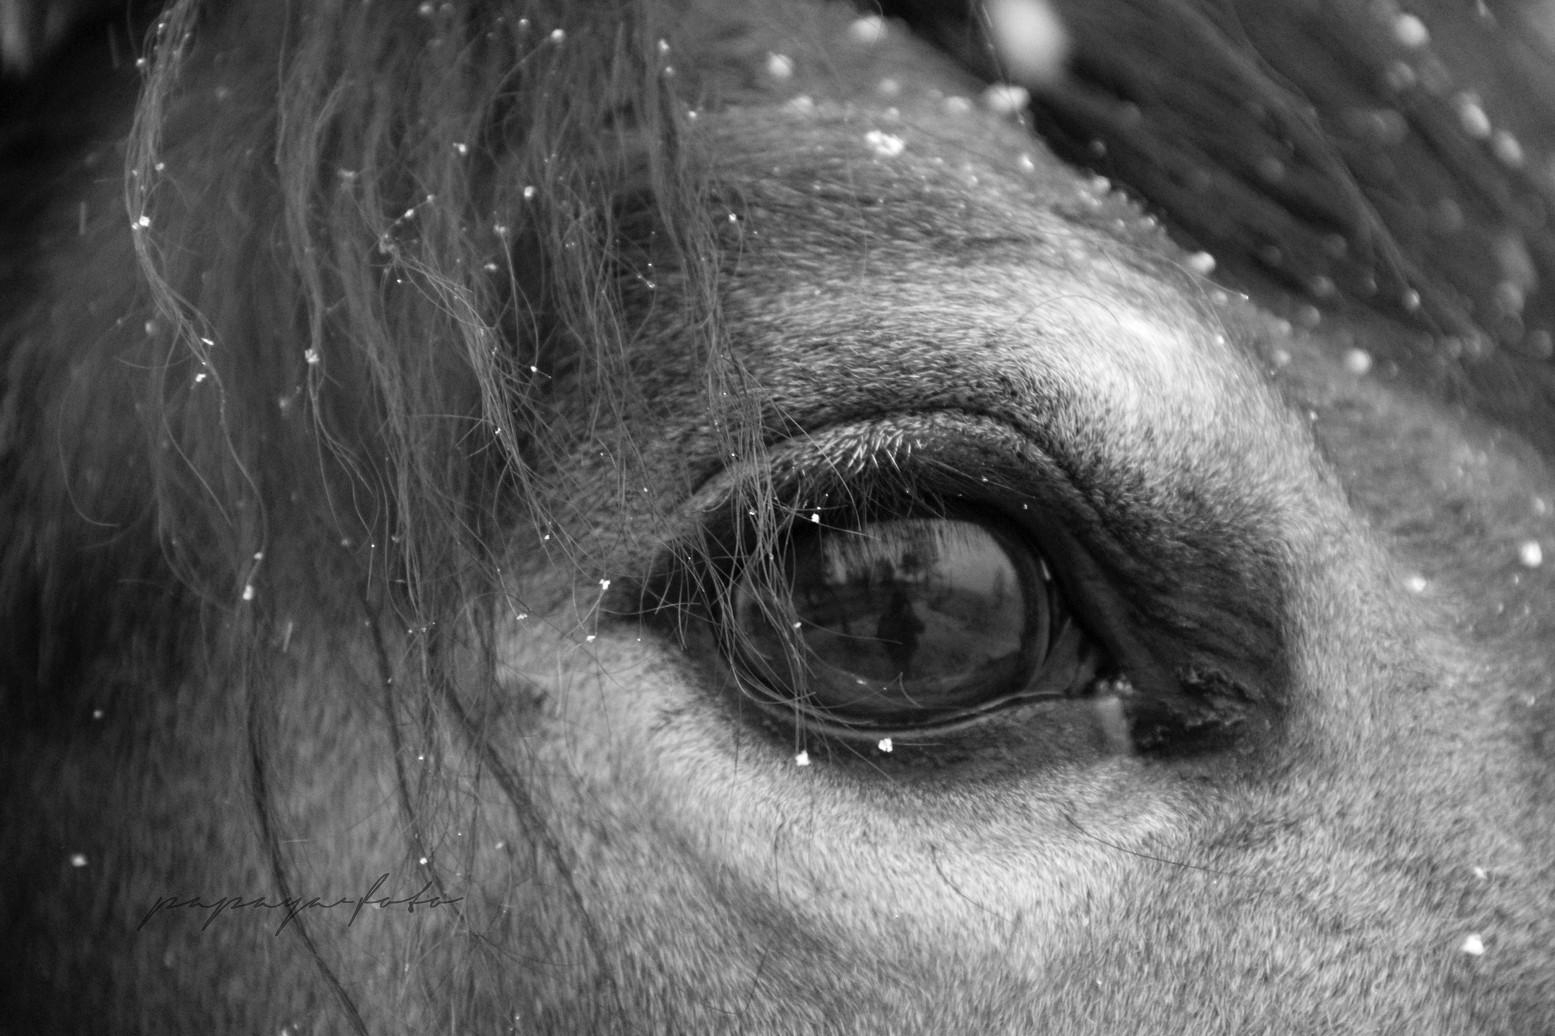 Obraz do bytu oko koně